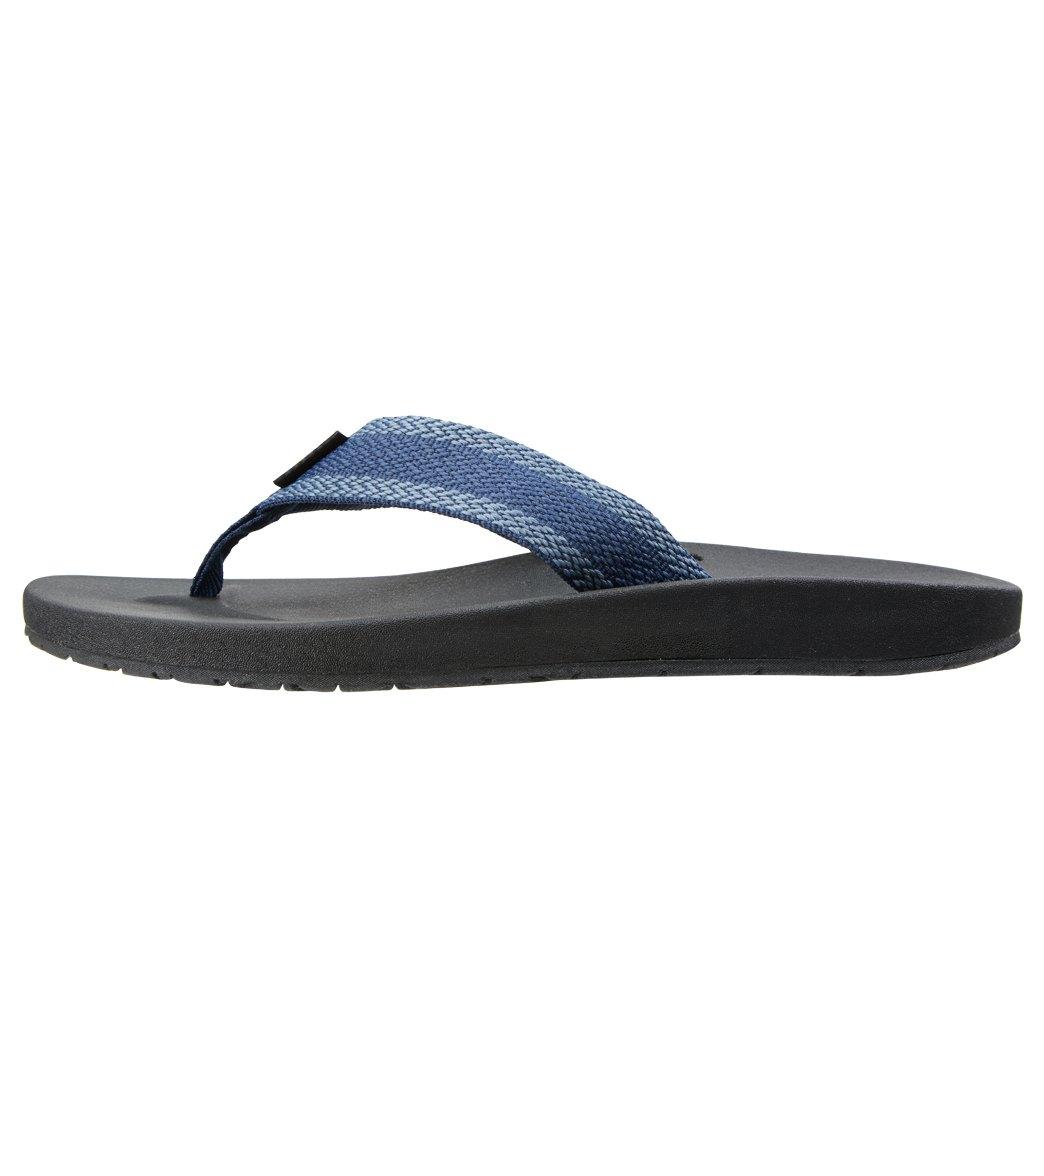 232e2de43530 Teva Men s Azure Flip Flop at SwimOutlet.com